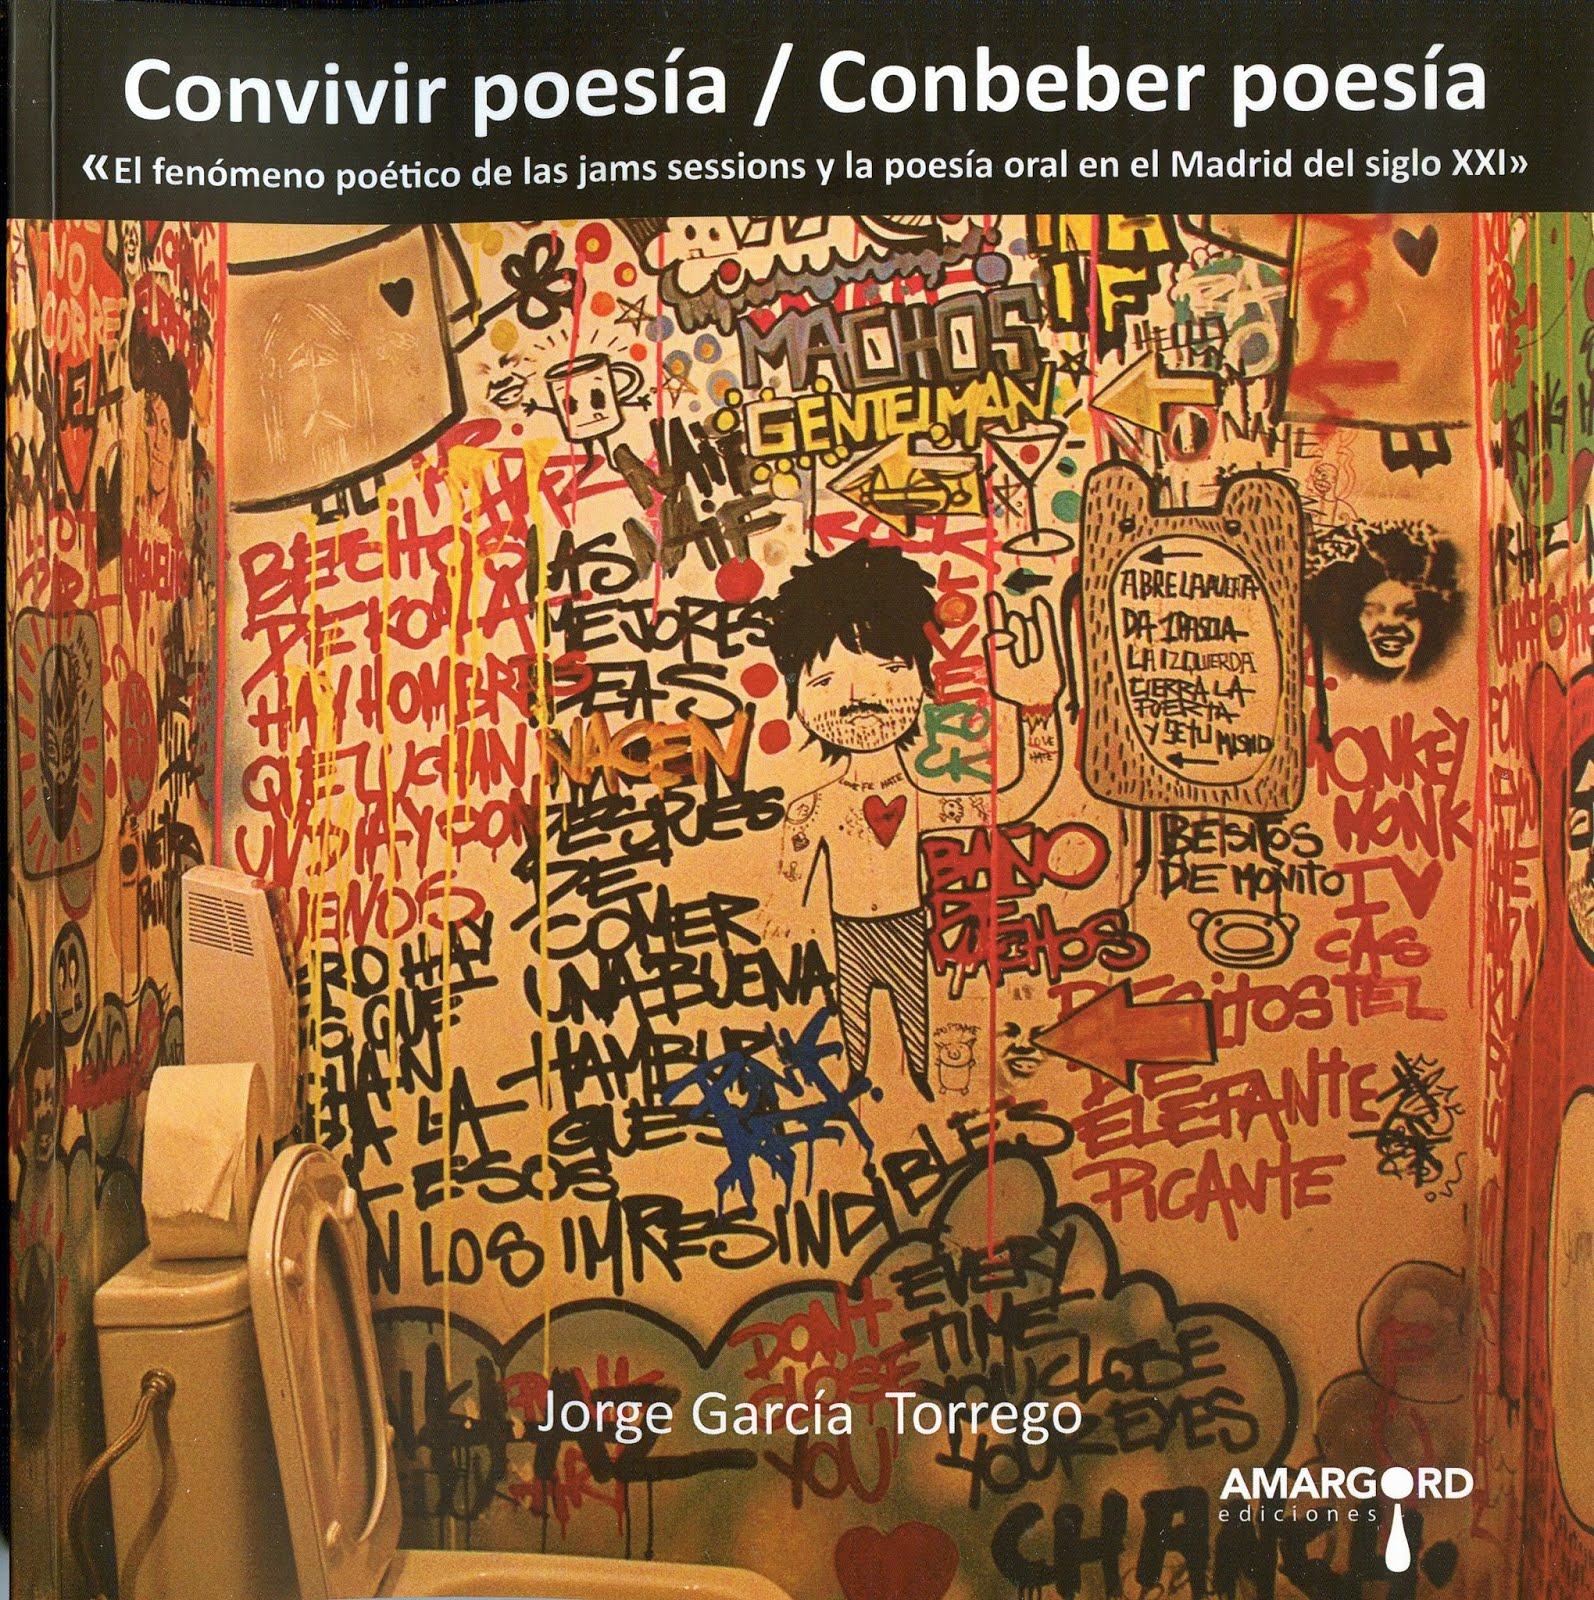 Convivir poesía Conbeber poesía / Amargord / 2018